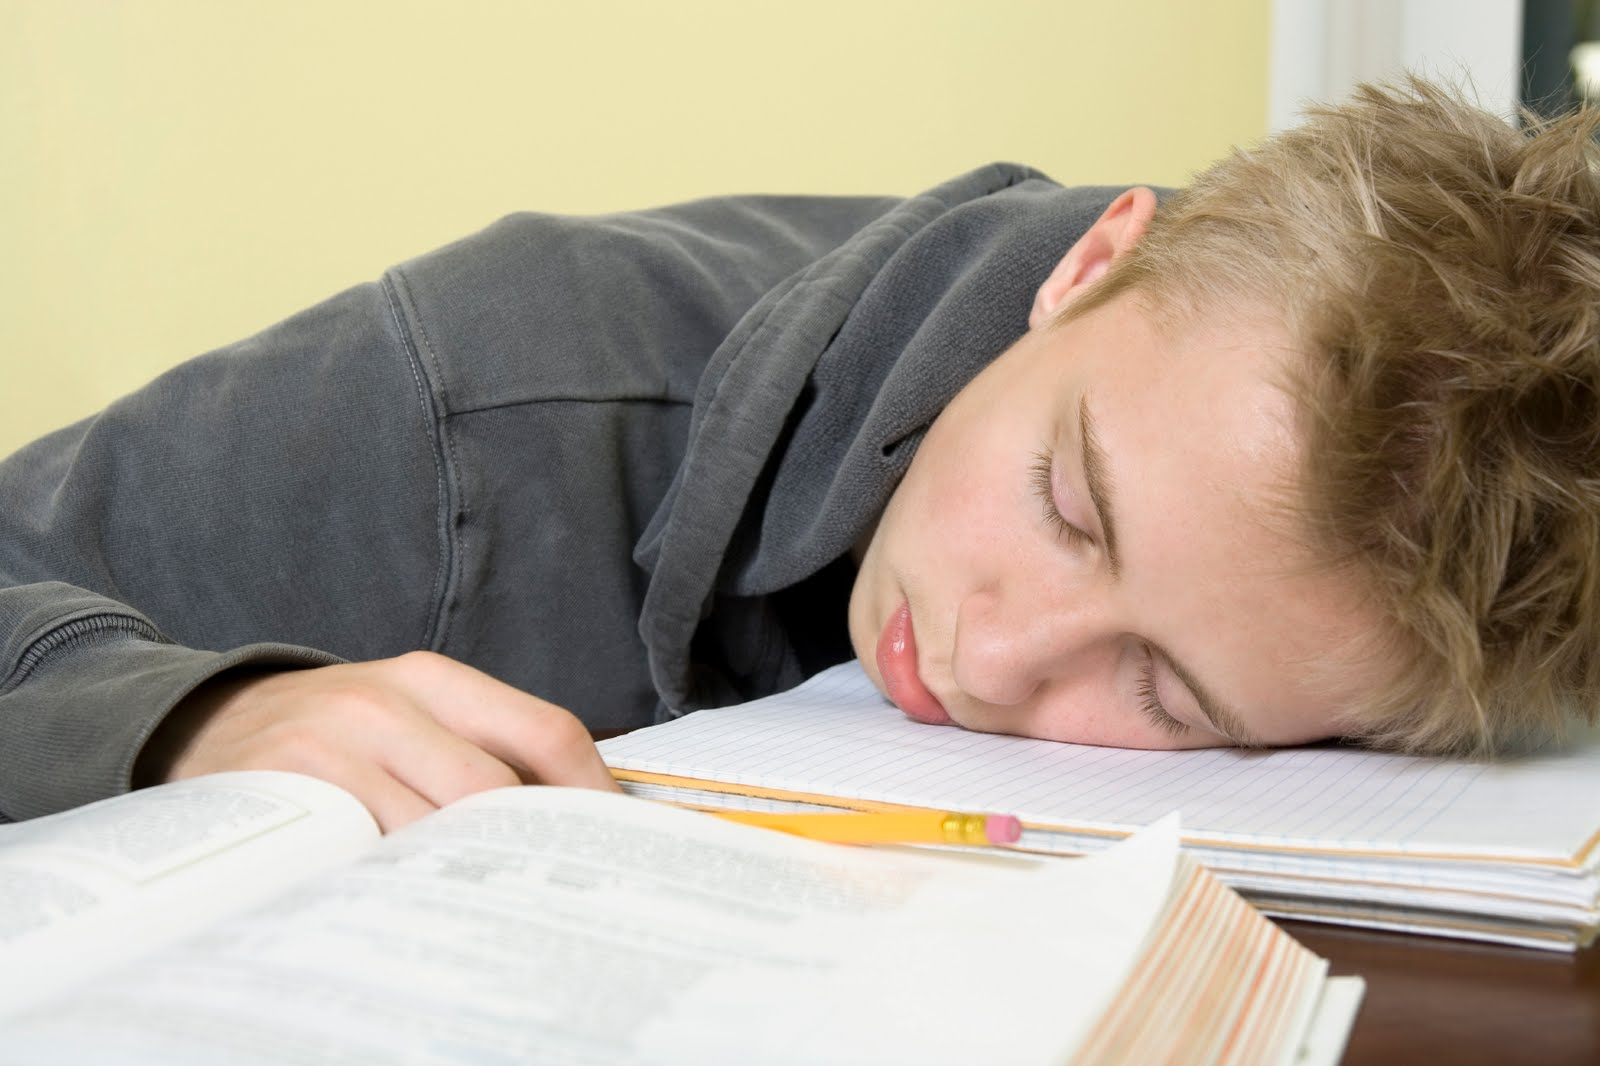 подросток испытывает сонливость